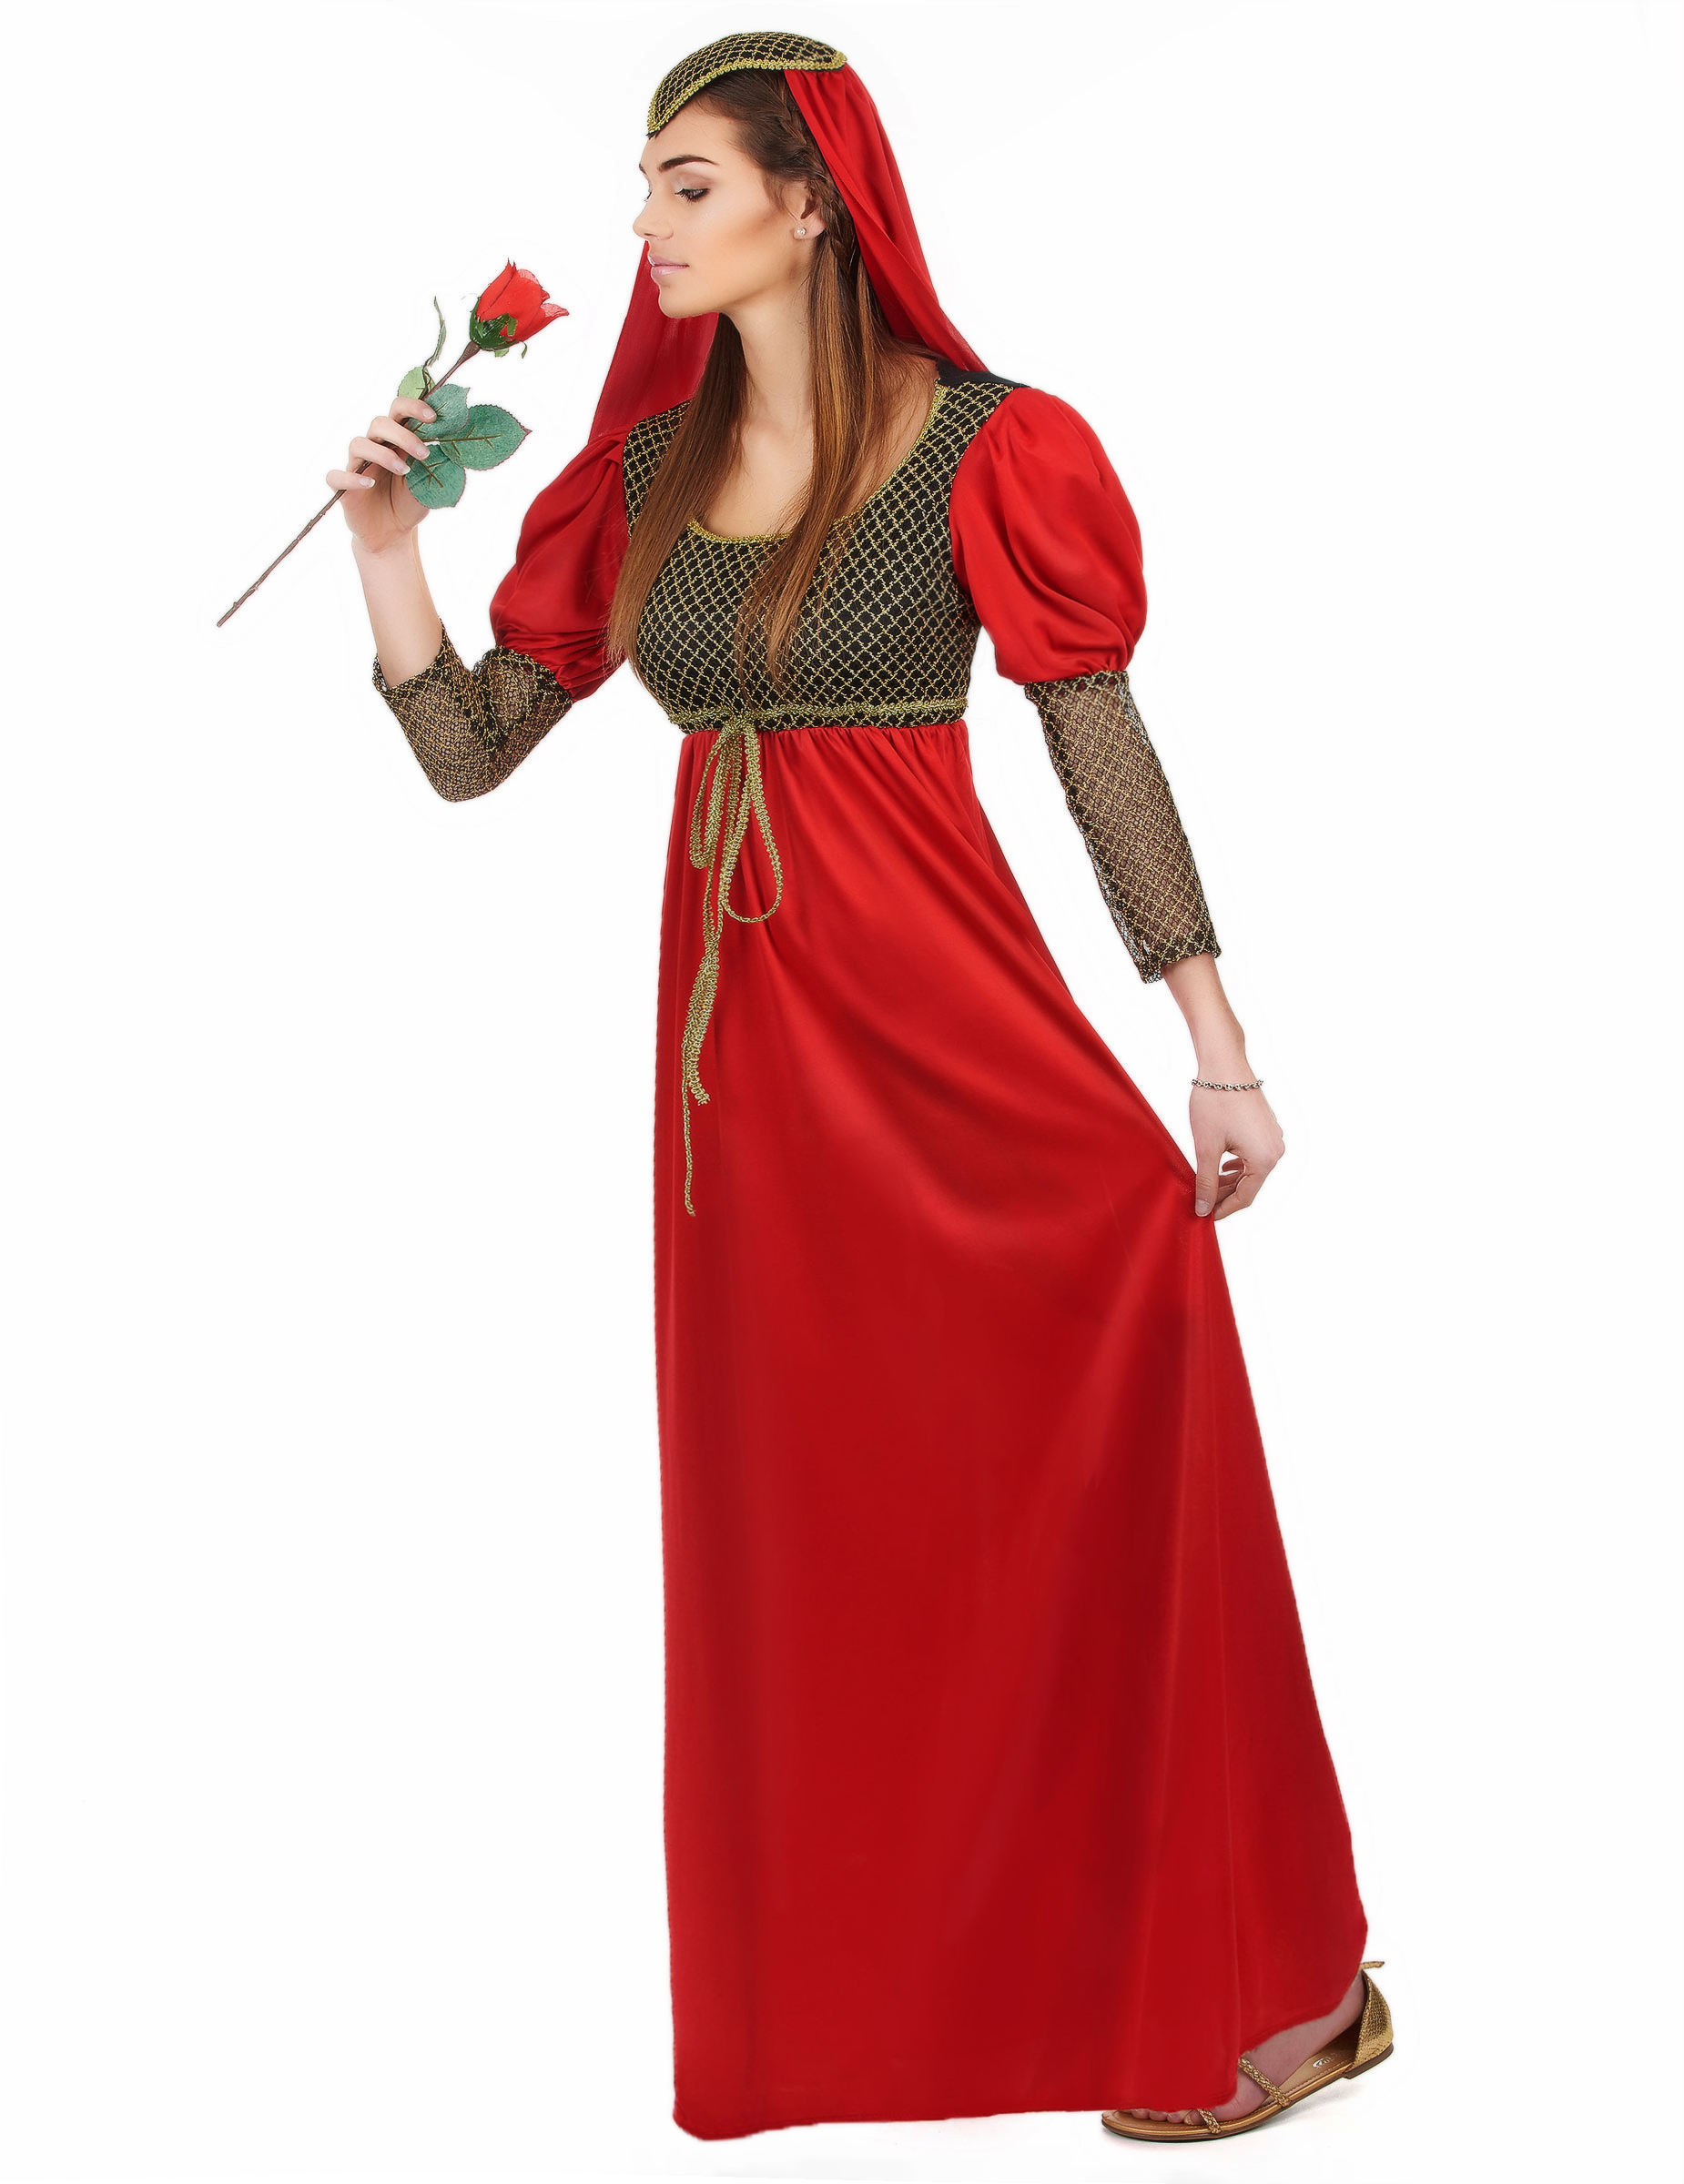 Costume medievale da dama rossa per donna  Costumi adulti d135cdb24df